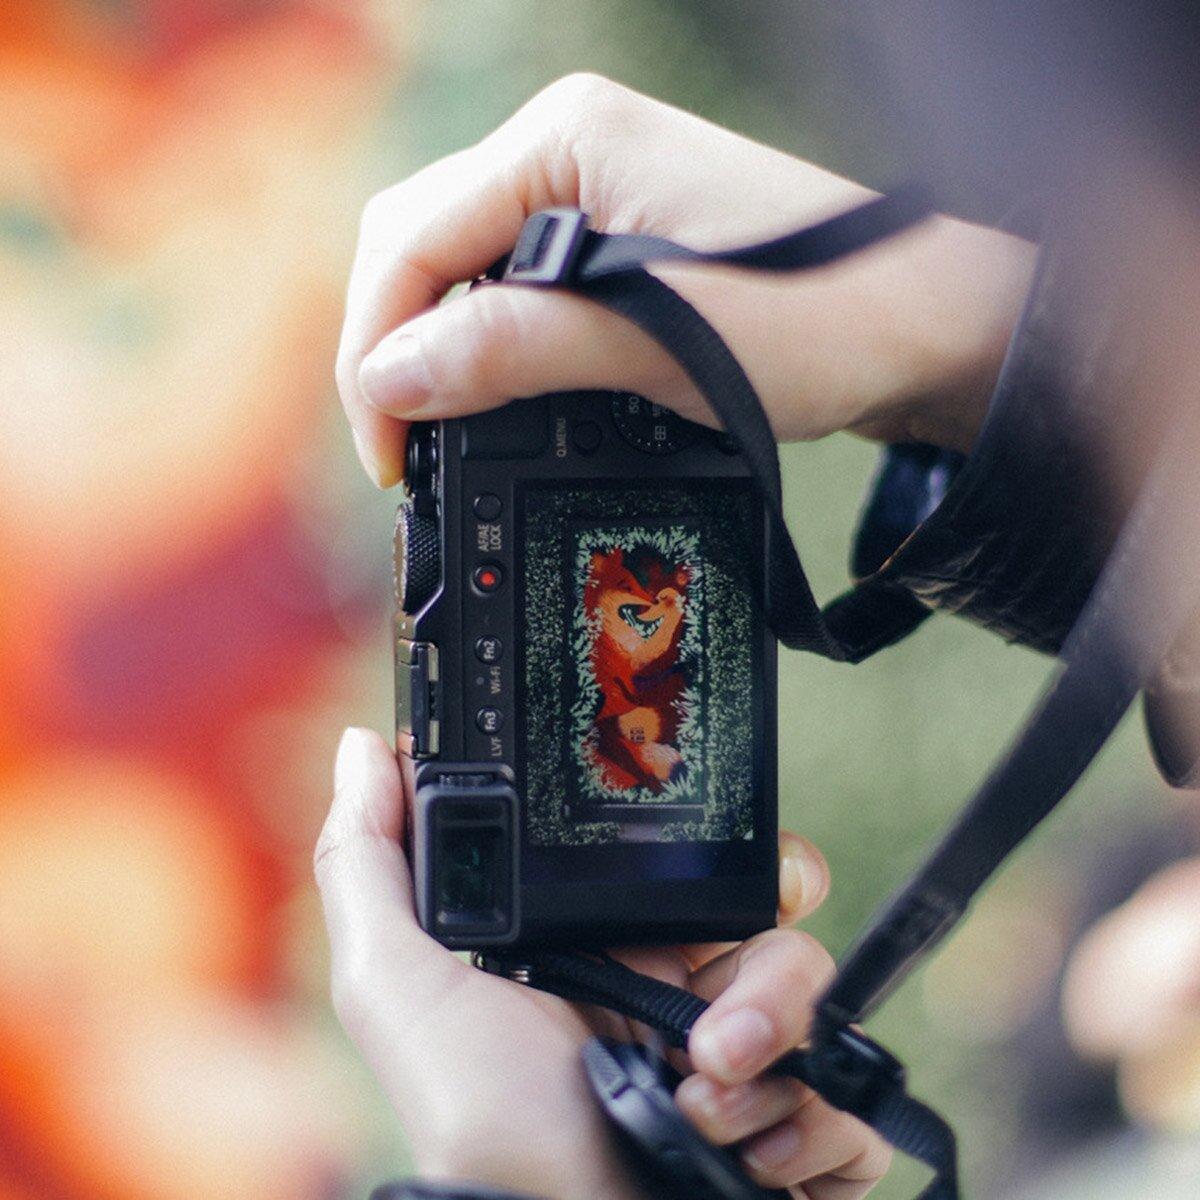 Cours de photo dans un Paris insolite